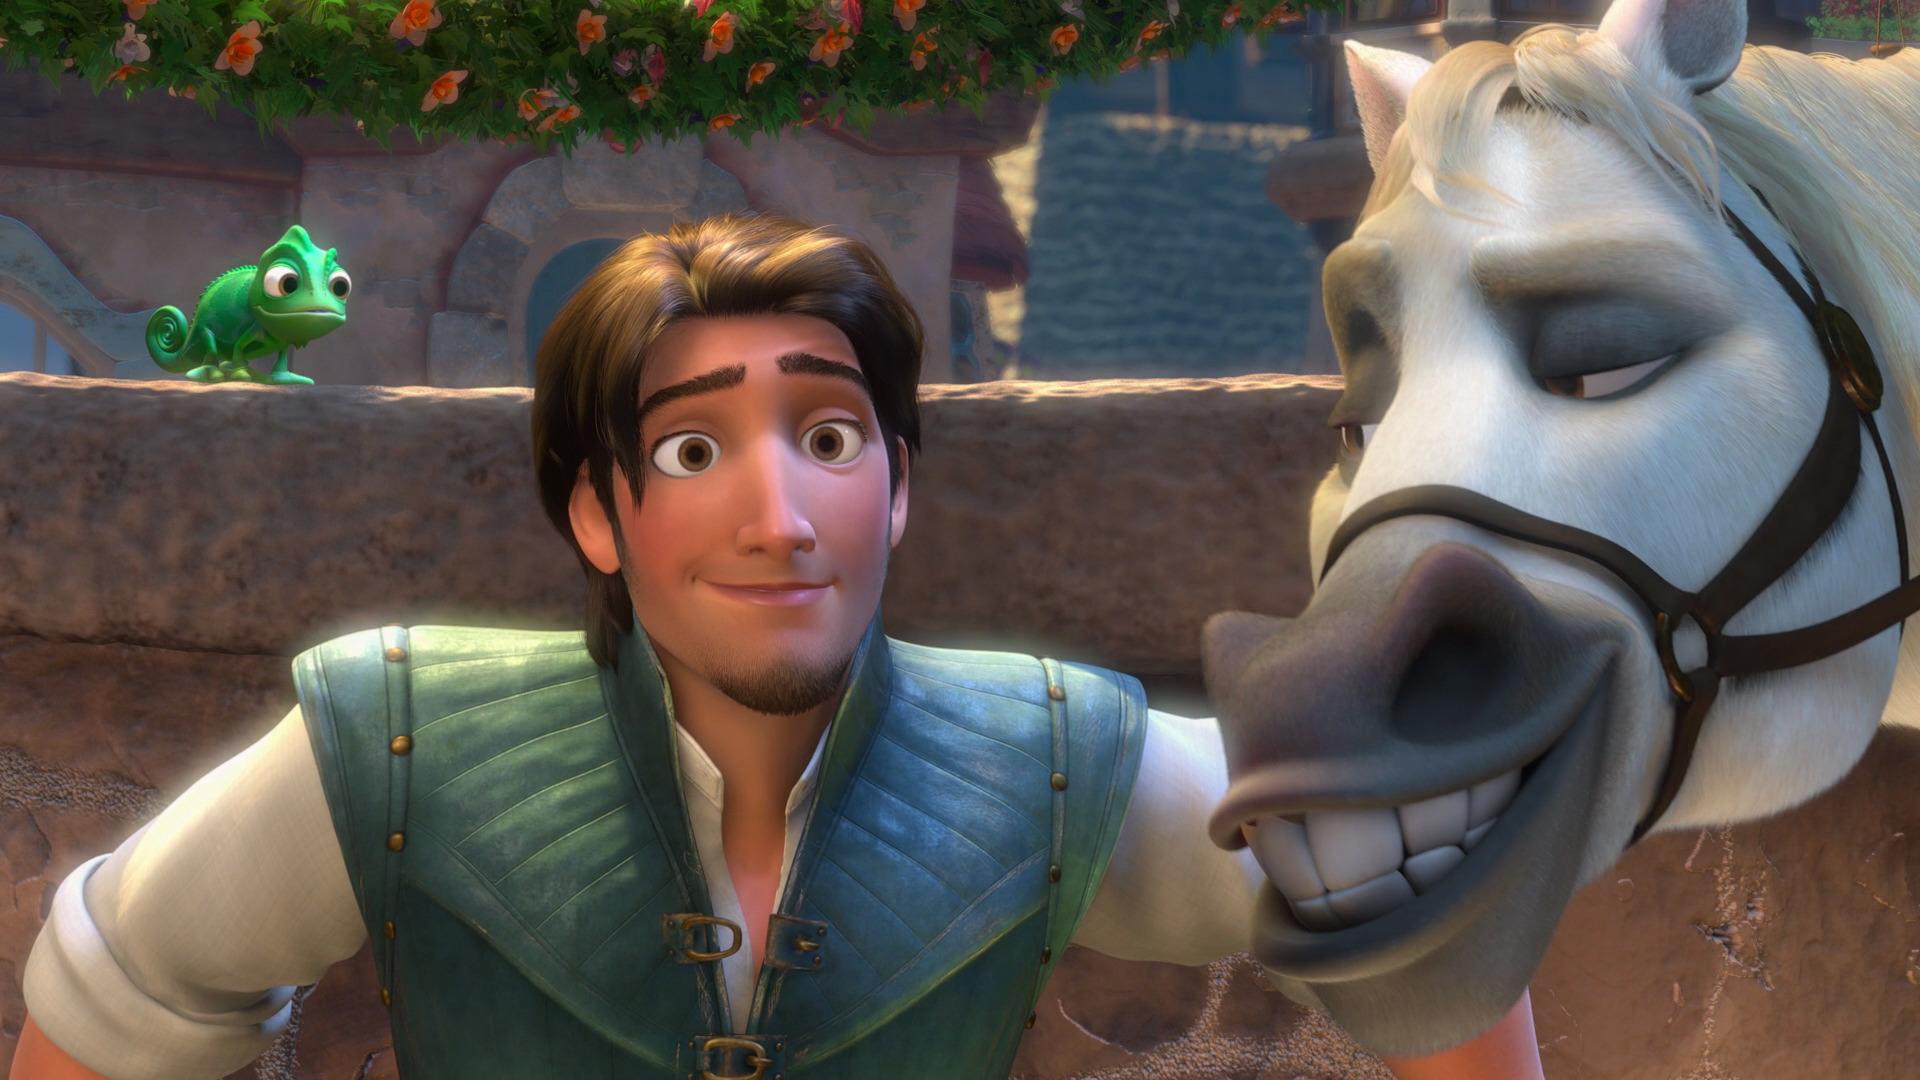 Maximus personnage dans raiponce disney planet - Cheval de raiponce ...